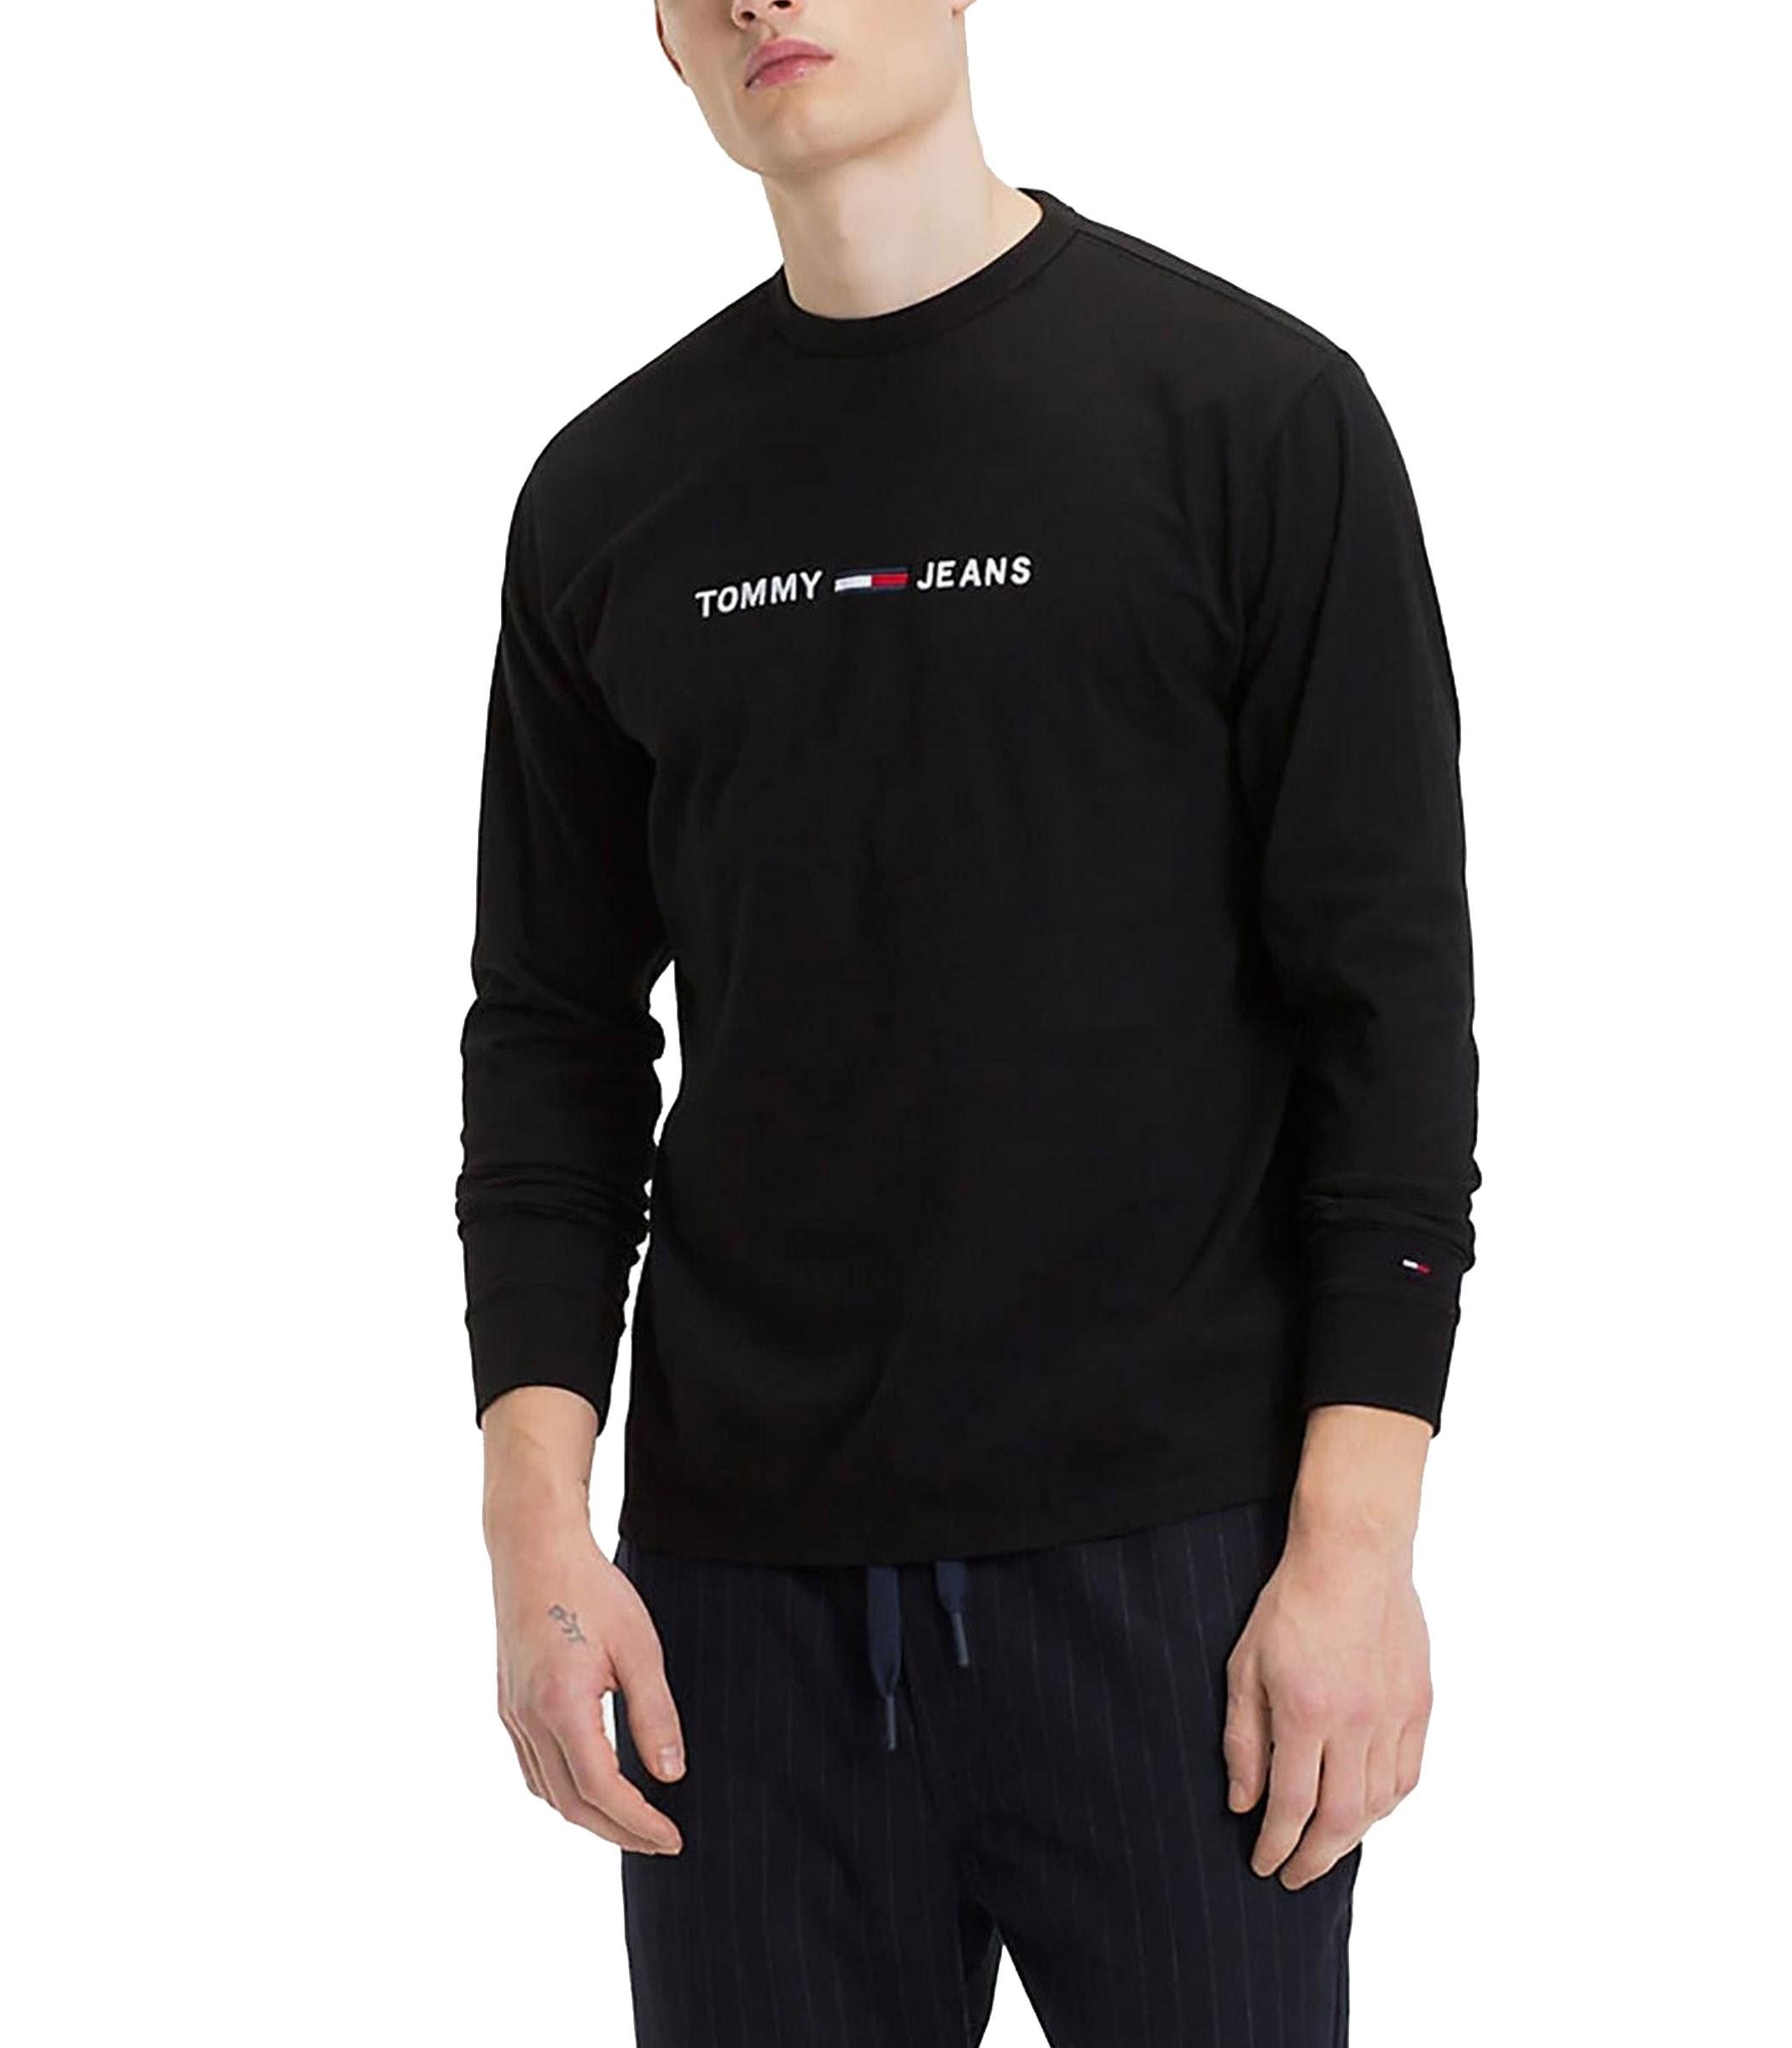 newest ee73b 716ab Maglia Tommy jeans a maniche lunghe con logo da uomo rif ...